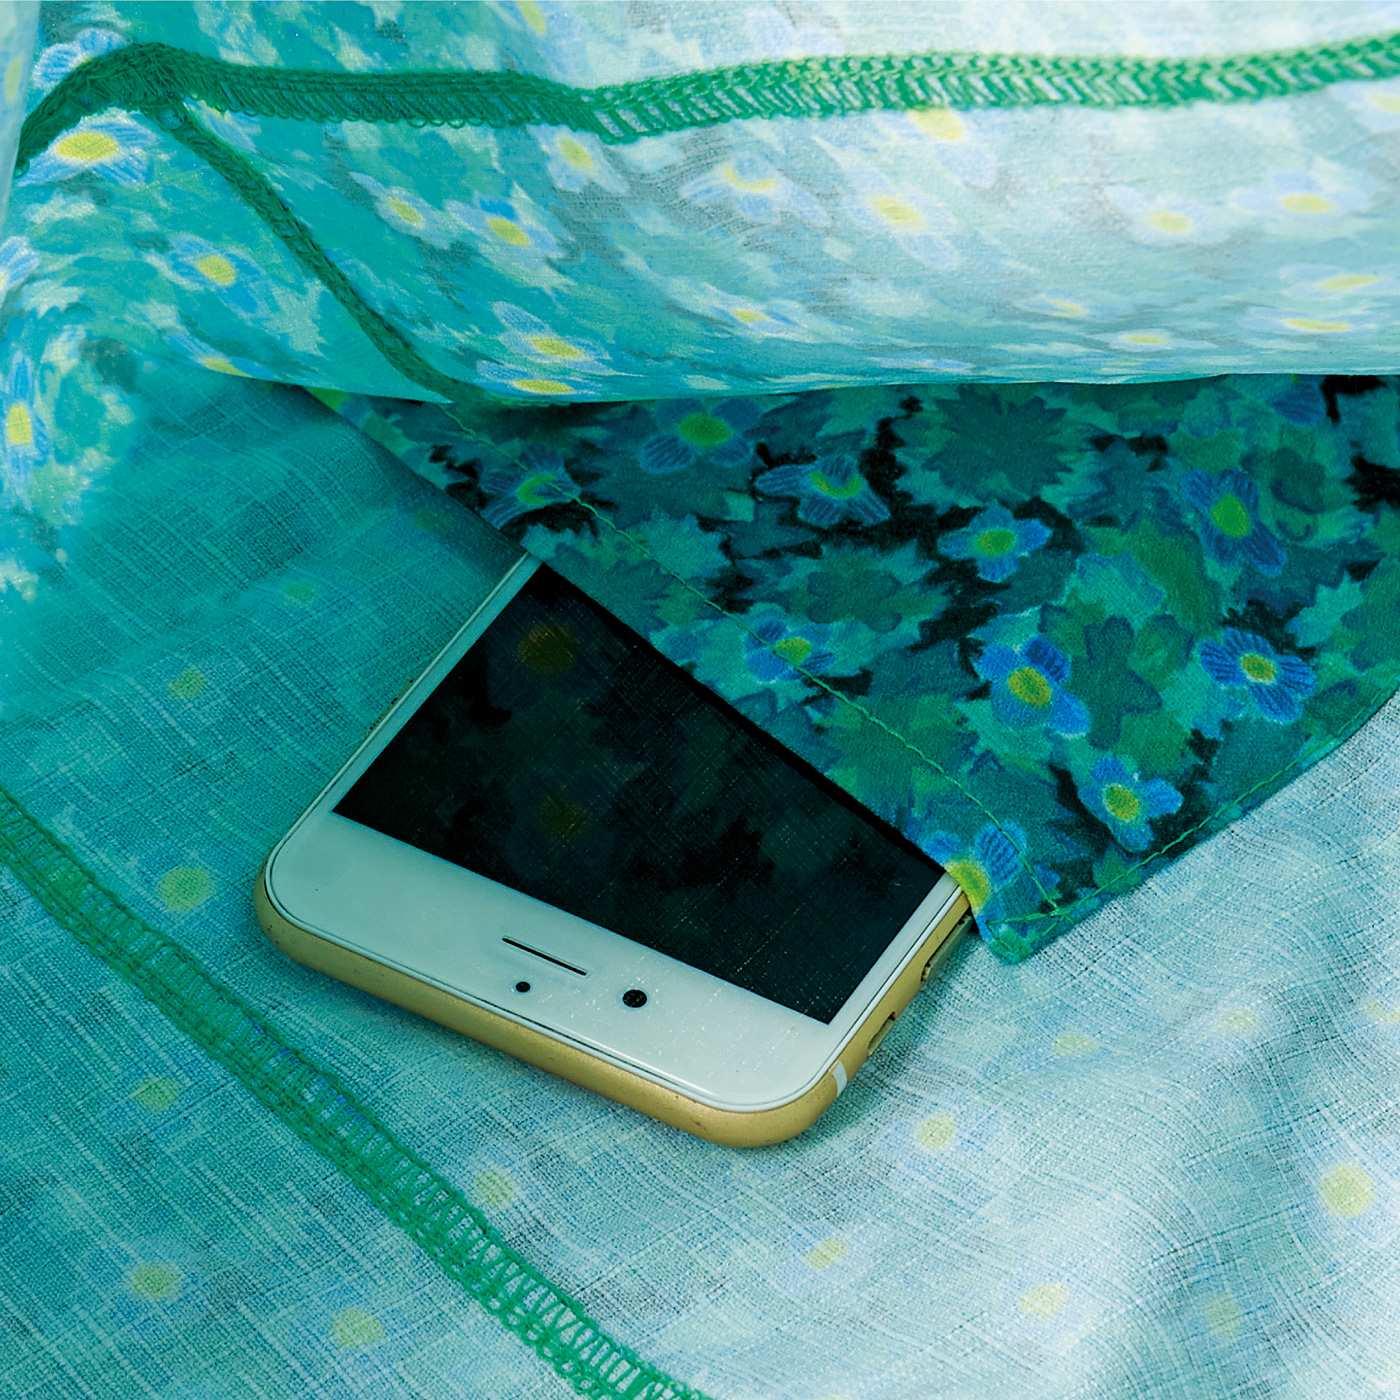 CCP [シーシーピー] CCP ユニカラート アートがコーディネイトのアクセントになるたっぷりテキスタイルバッグの会 スマホなどを入れておける内ポケット付き。